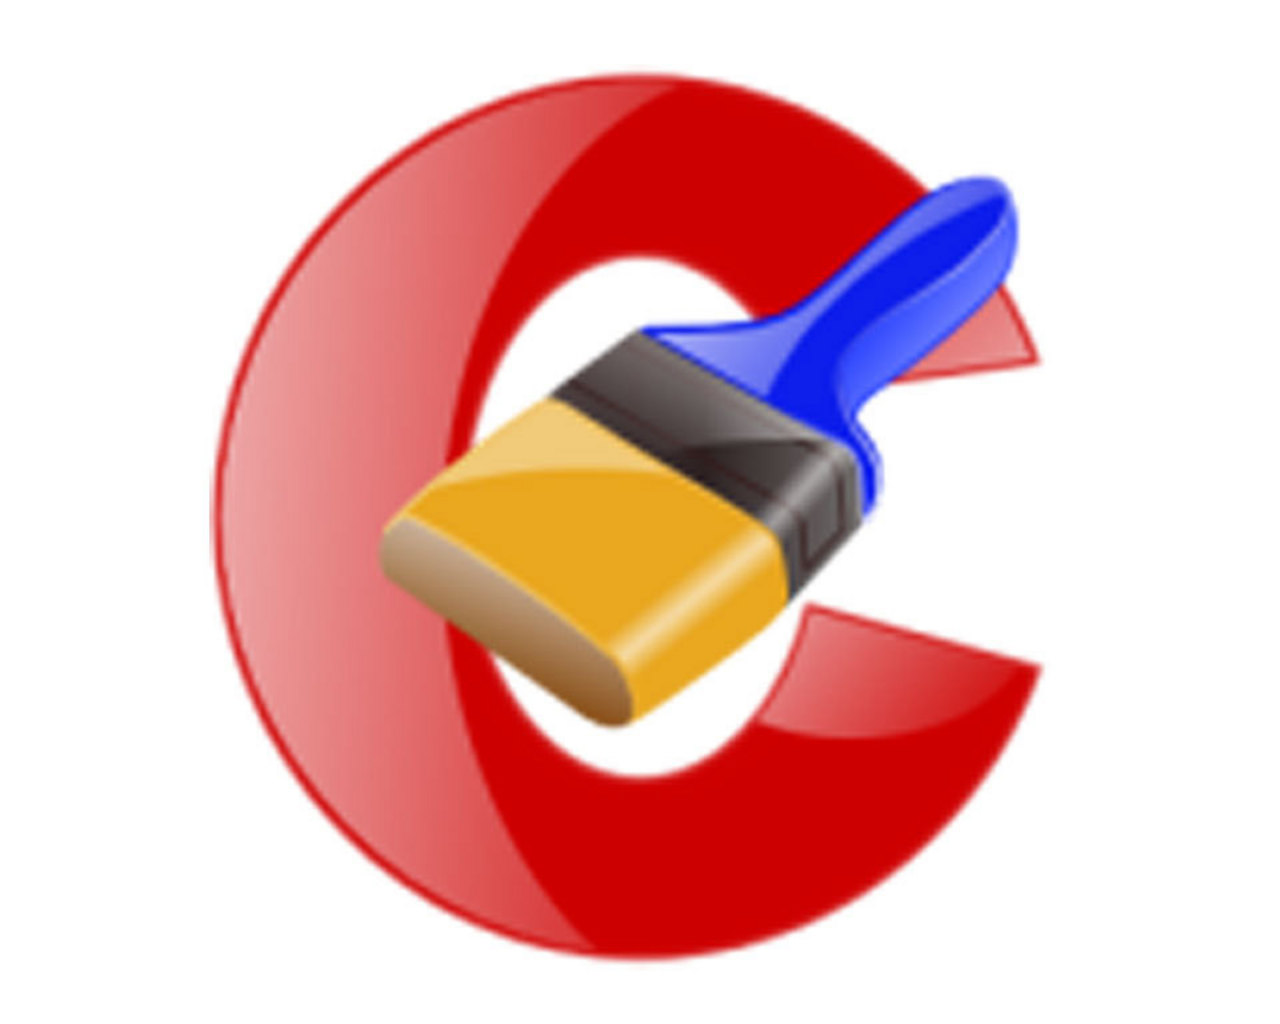 descargar limpiador de pc gratis en espanol